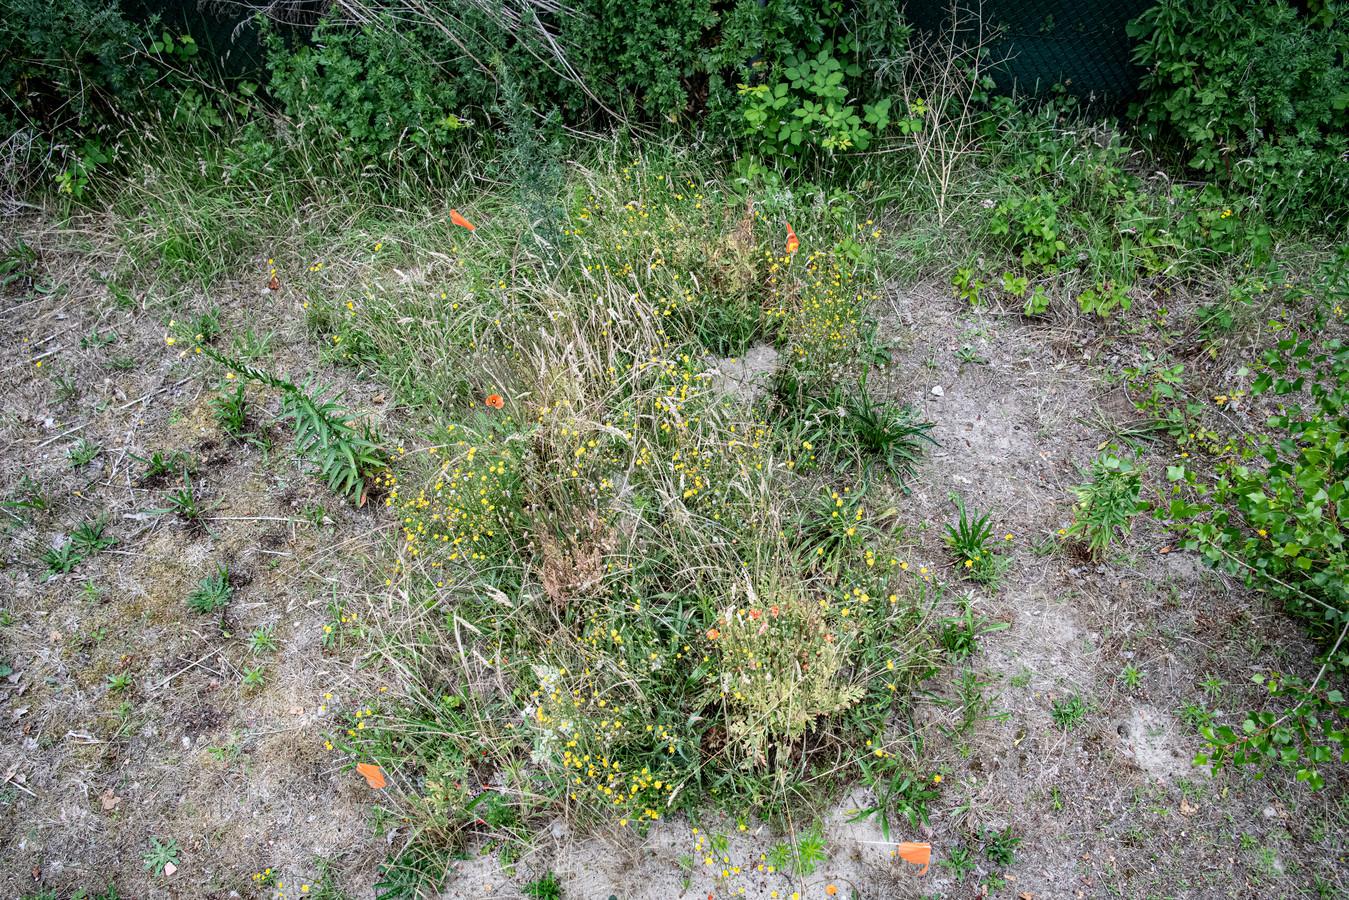 Het lijkt erop dat klaprozen het goed doen op het ontbindingsproces dat ondergronds bezig is, want een halve meter verderop - waar niemand ligt - steken geen bloemen tussen de grassprieten door.